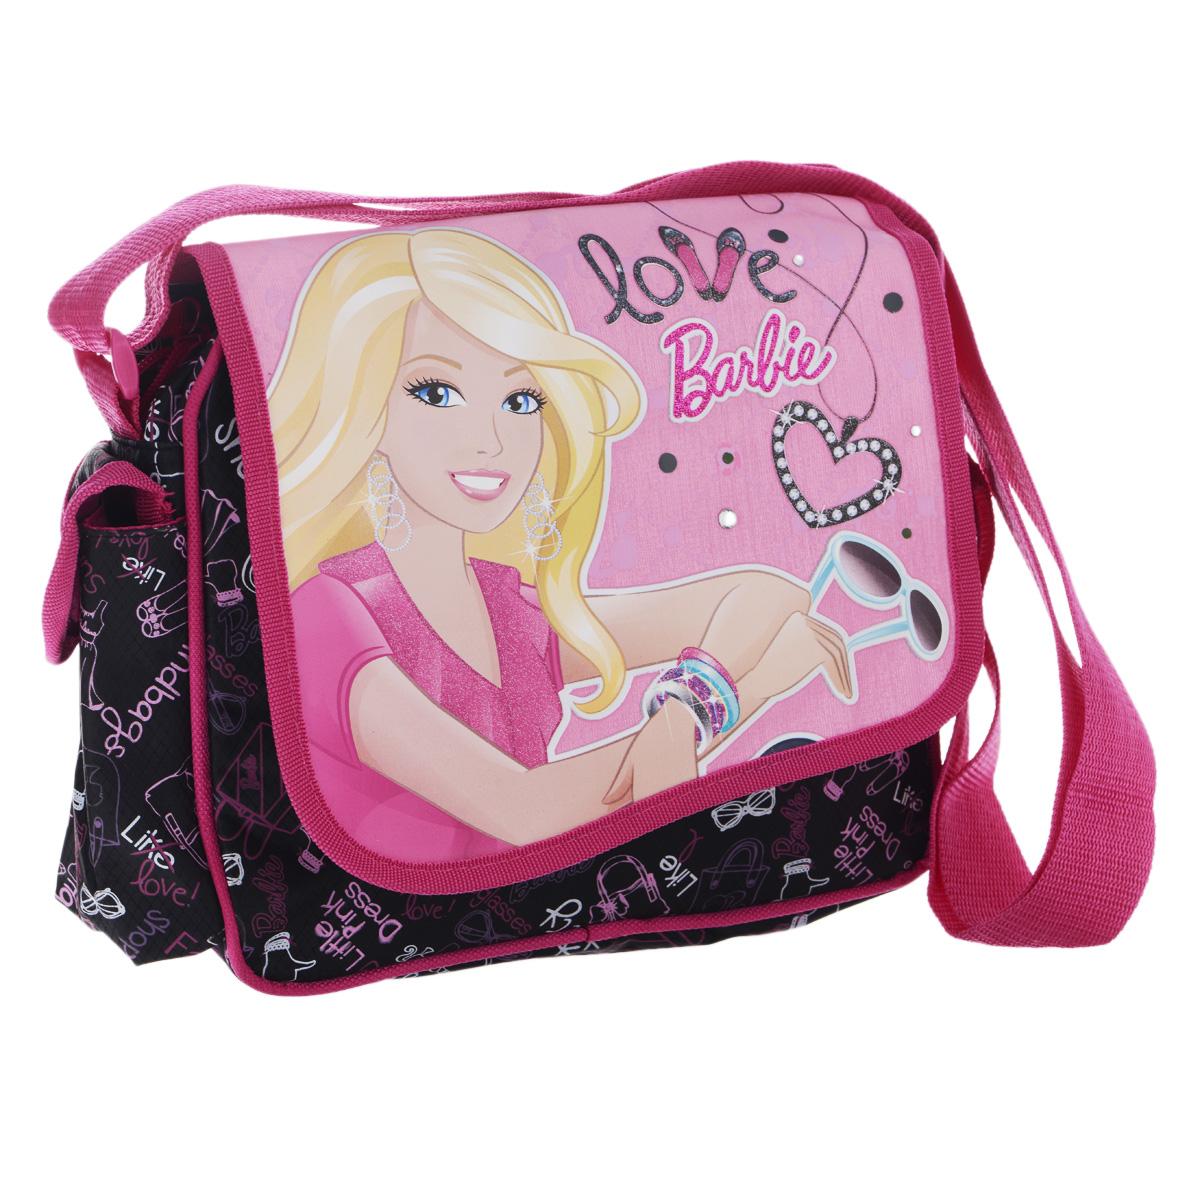 Barbie Сумка детская на плечо цвет черный розовый BRAB-RT2-035